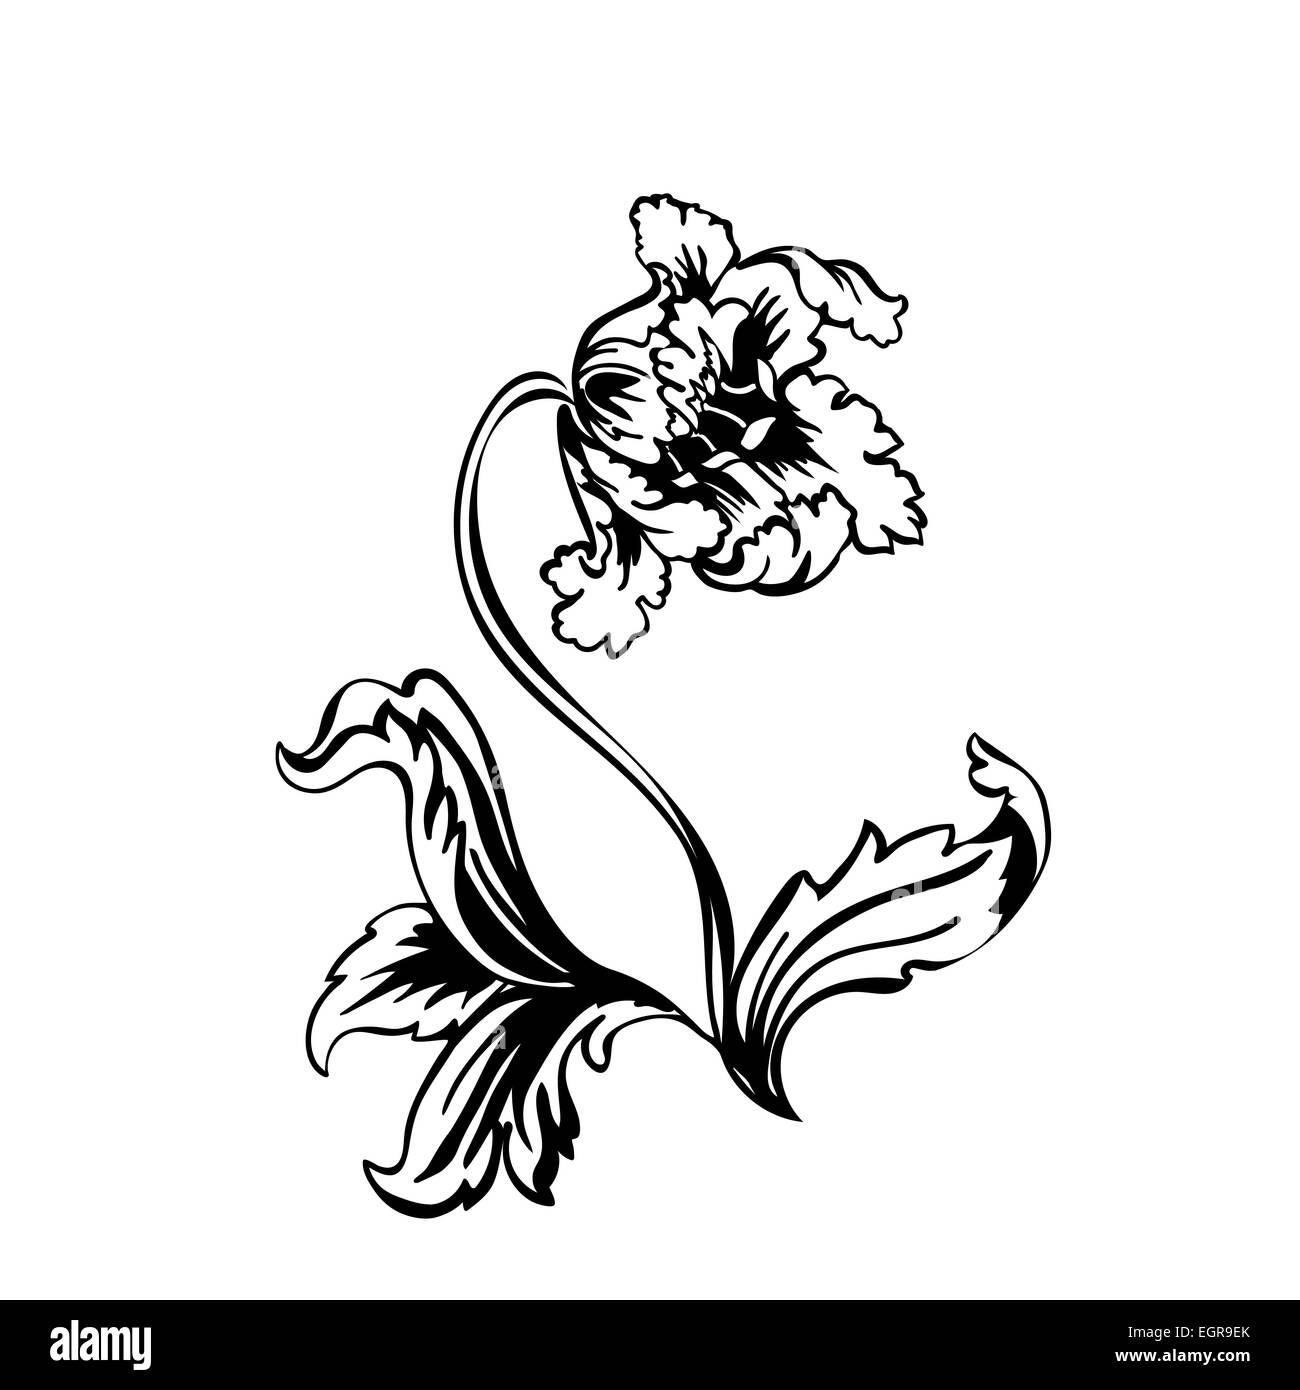 Flower tulip. Black outline on white background, vector illustration Stock Photo